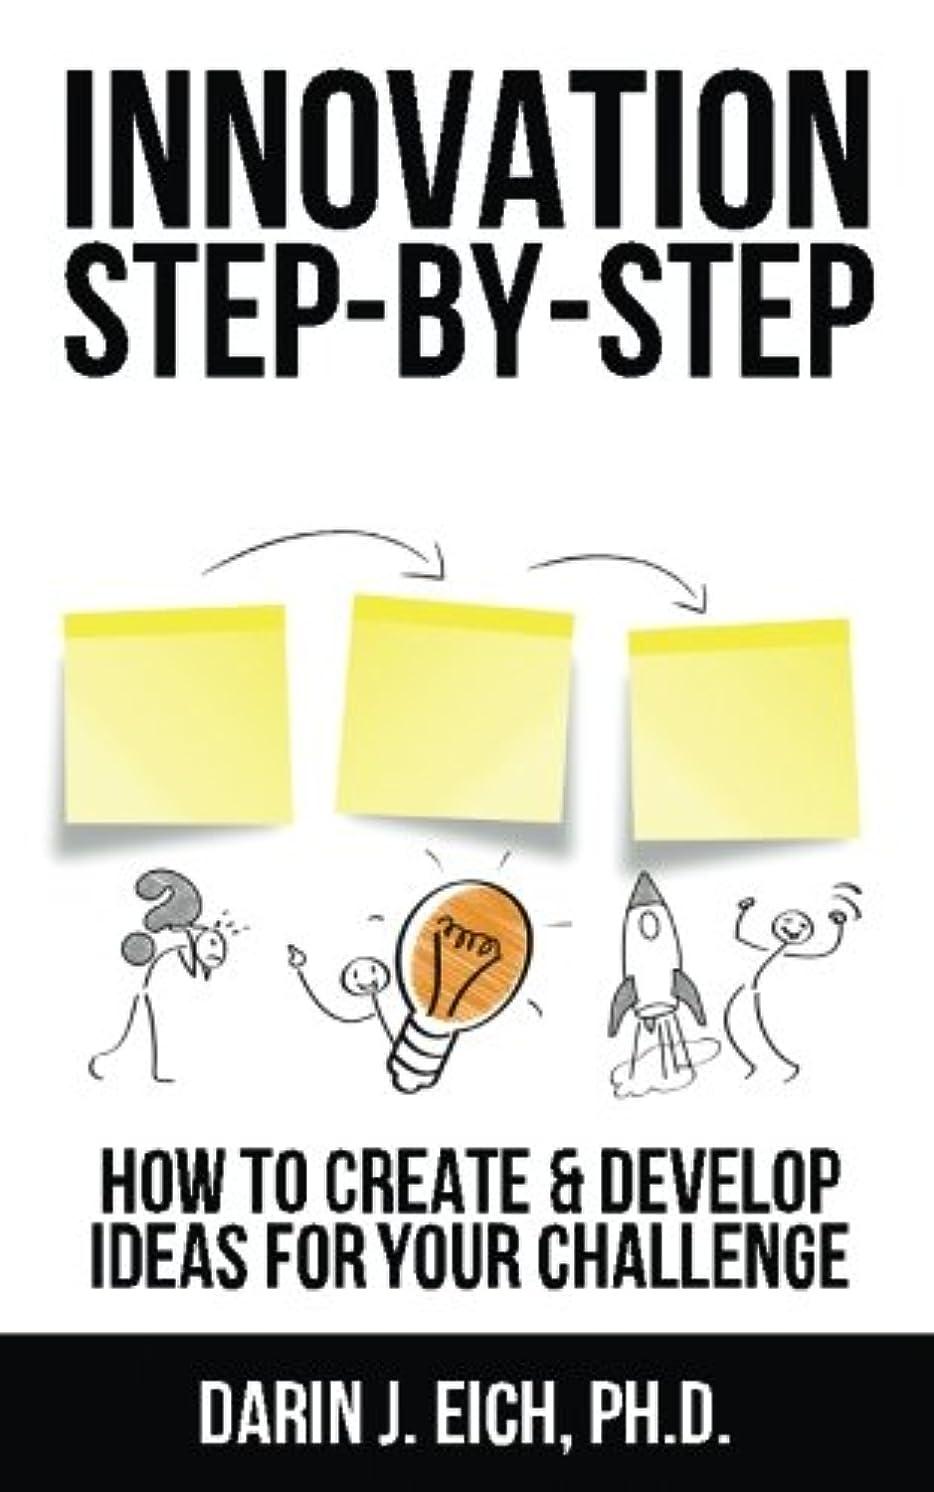 あいにく例外欠如Design Thinking: Integrating Innovation, Customer Experience, and Brand Value